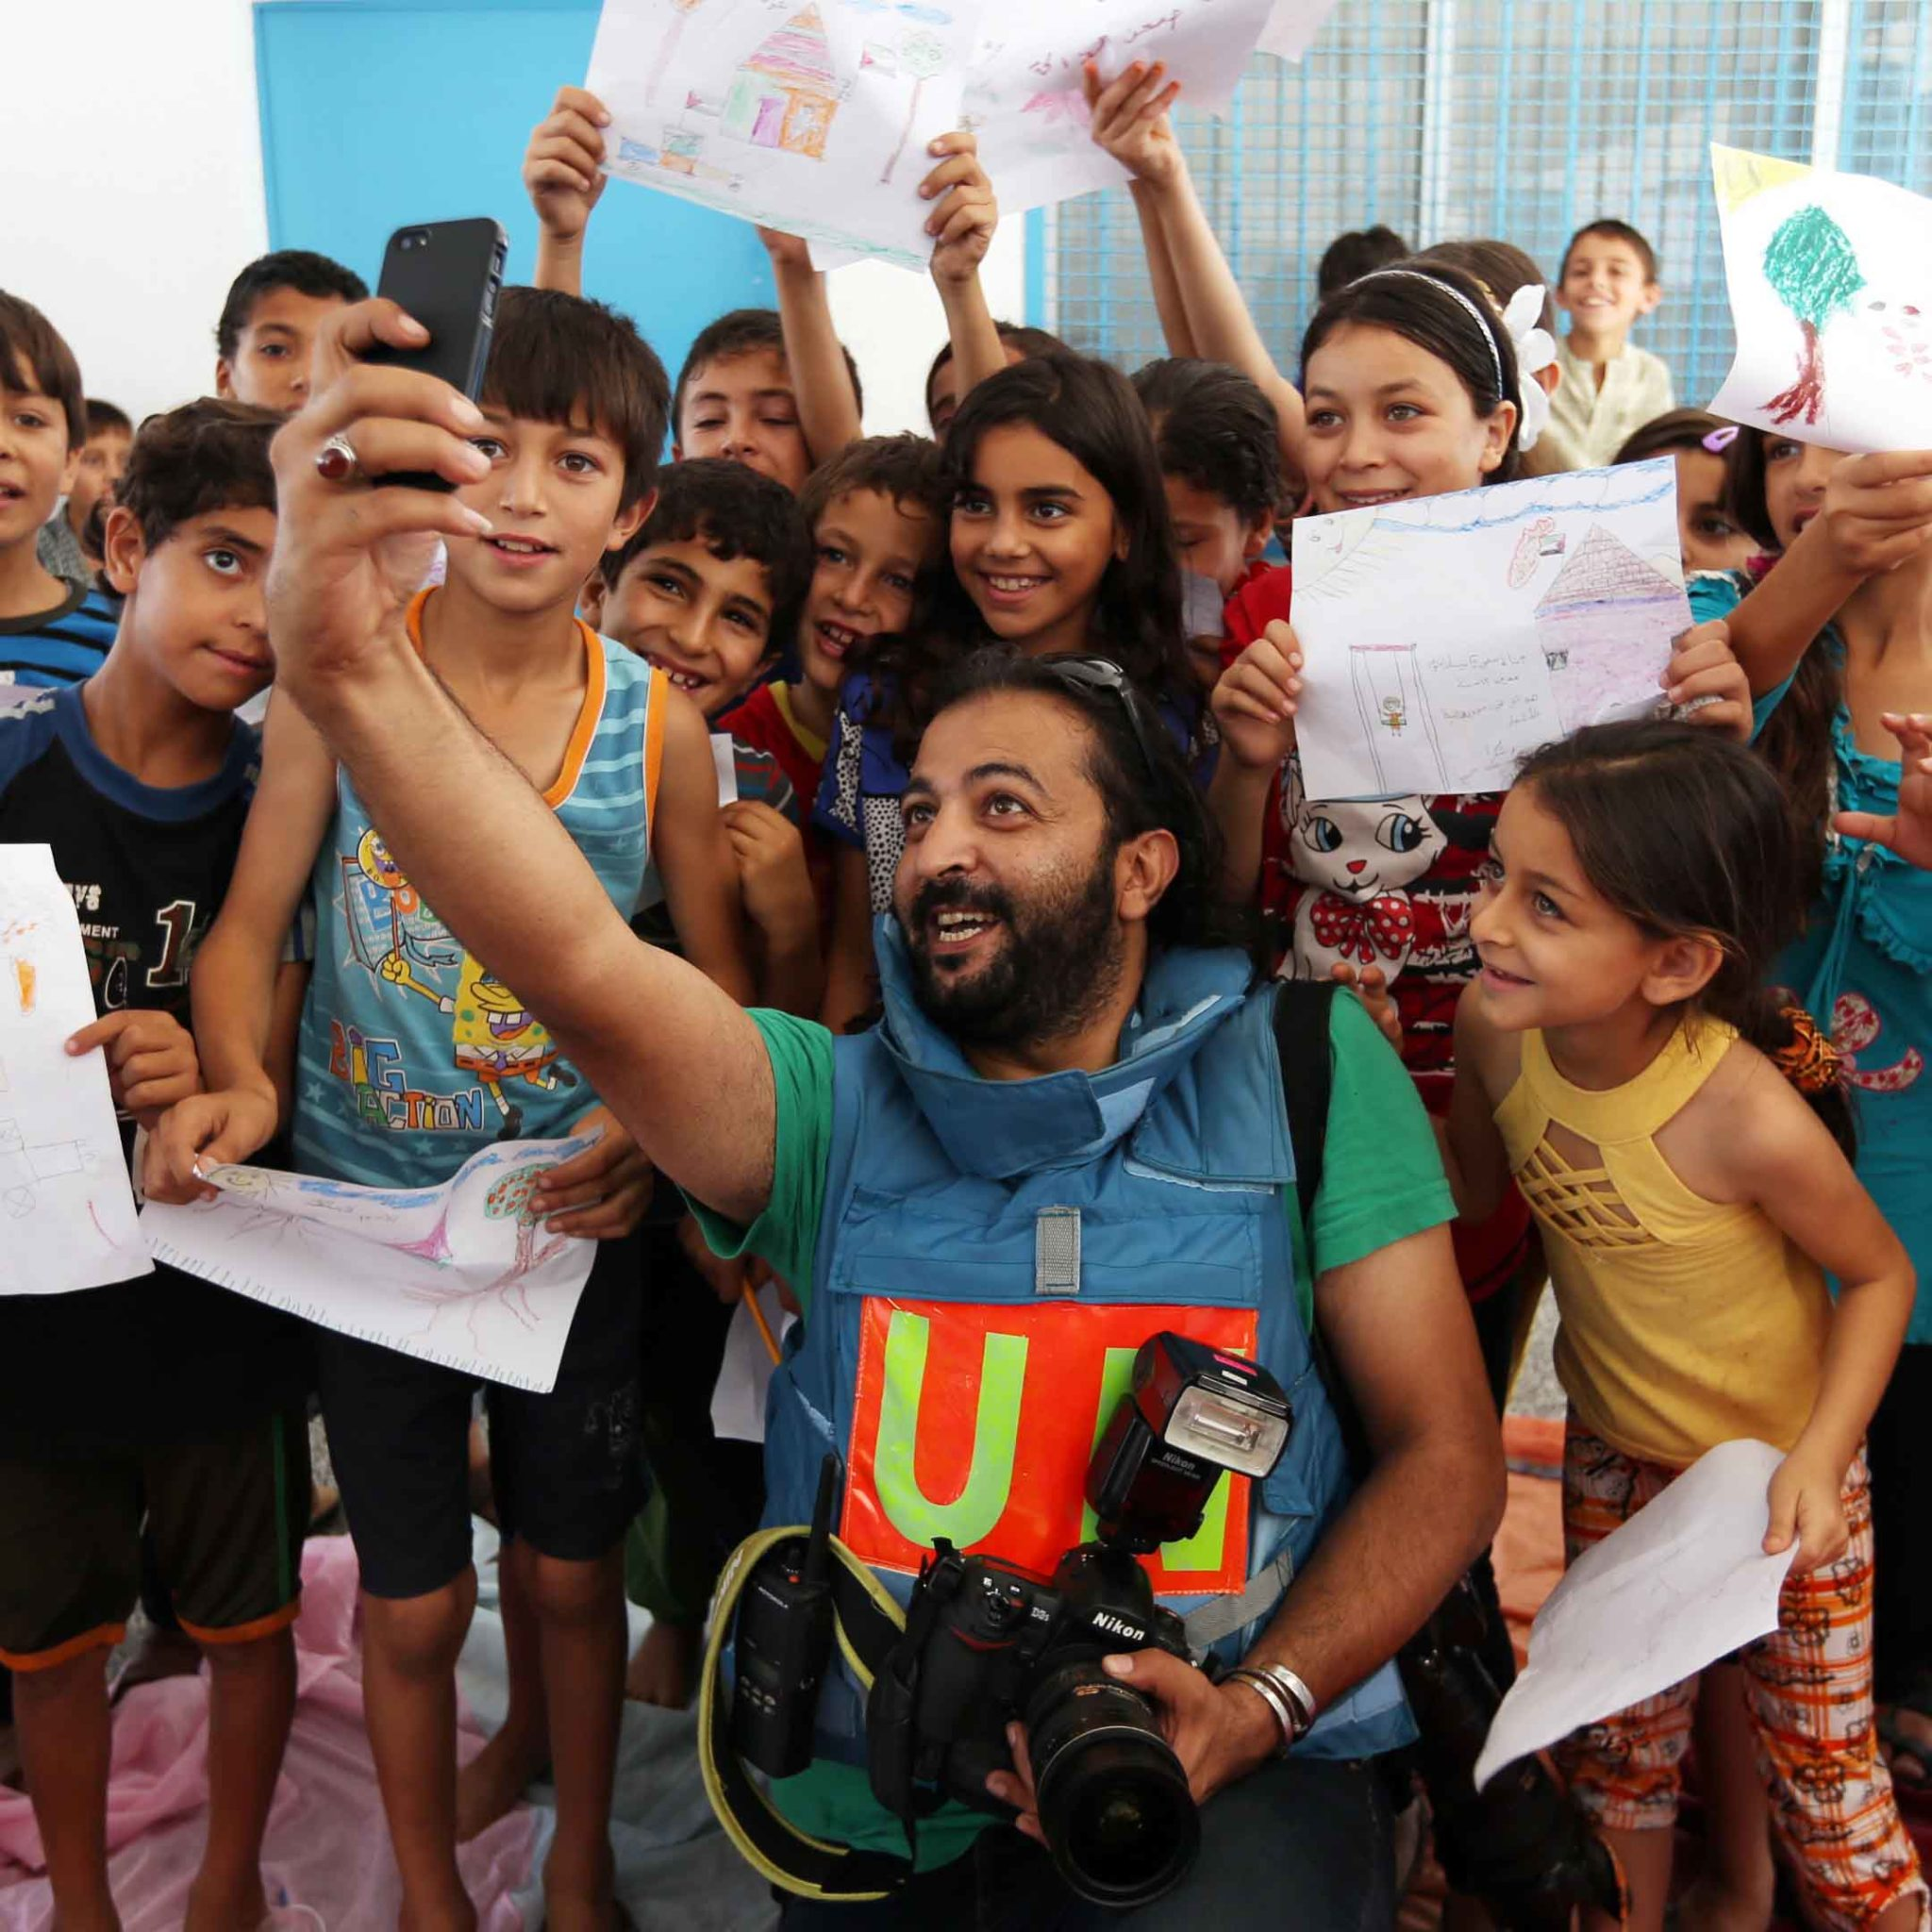 Il fotografo Shareef Sarhan in un selfie con i bambini del rifugio dell'URWA a Gaza, in Palestina.